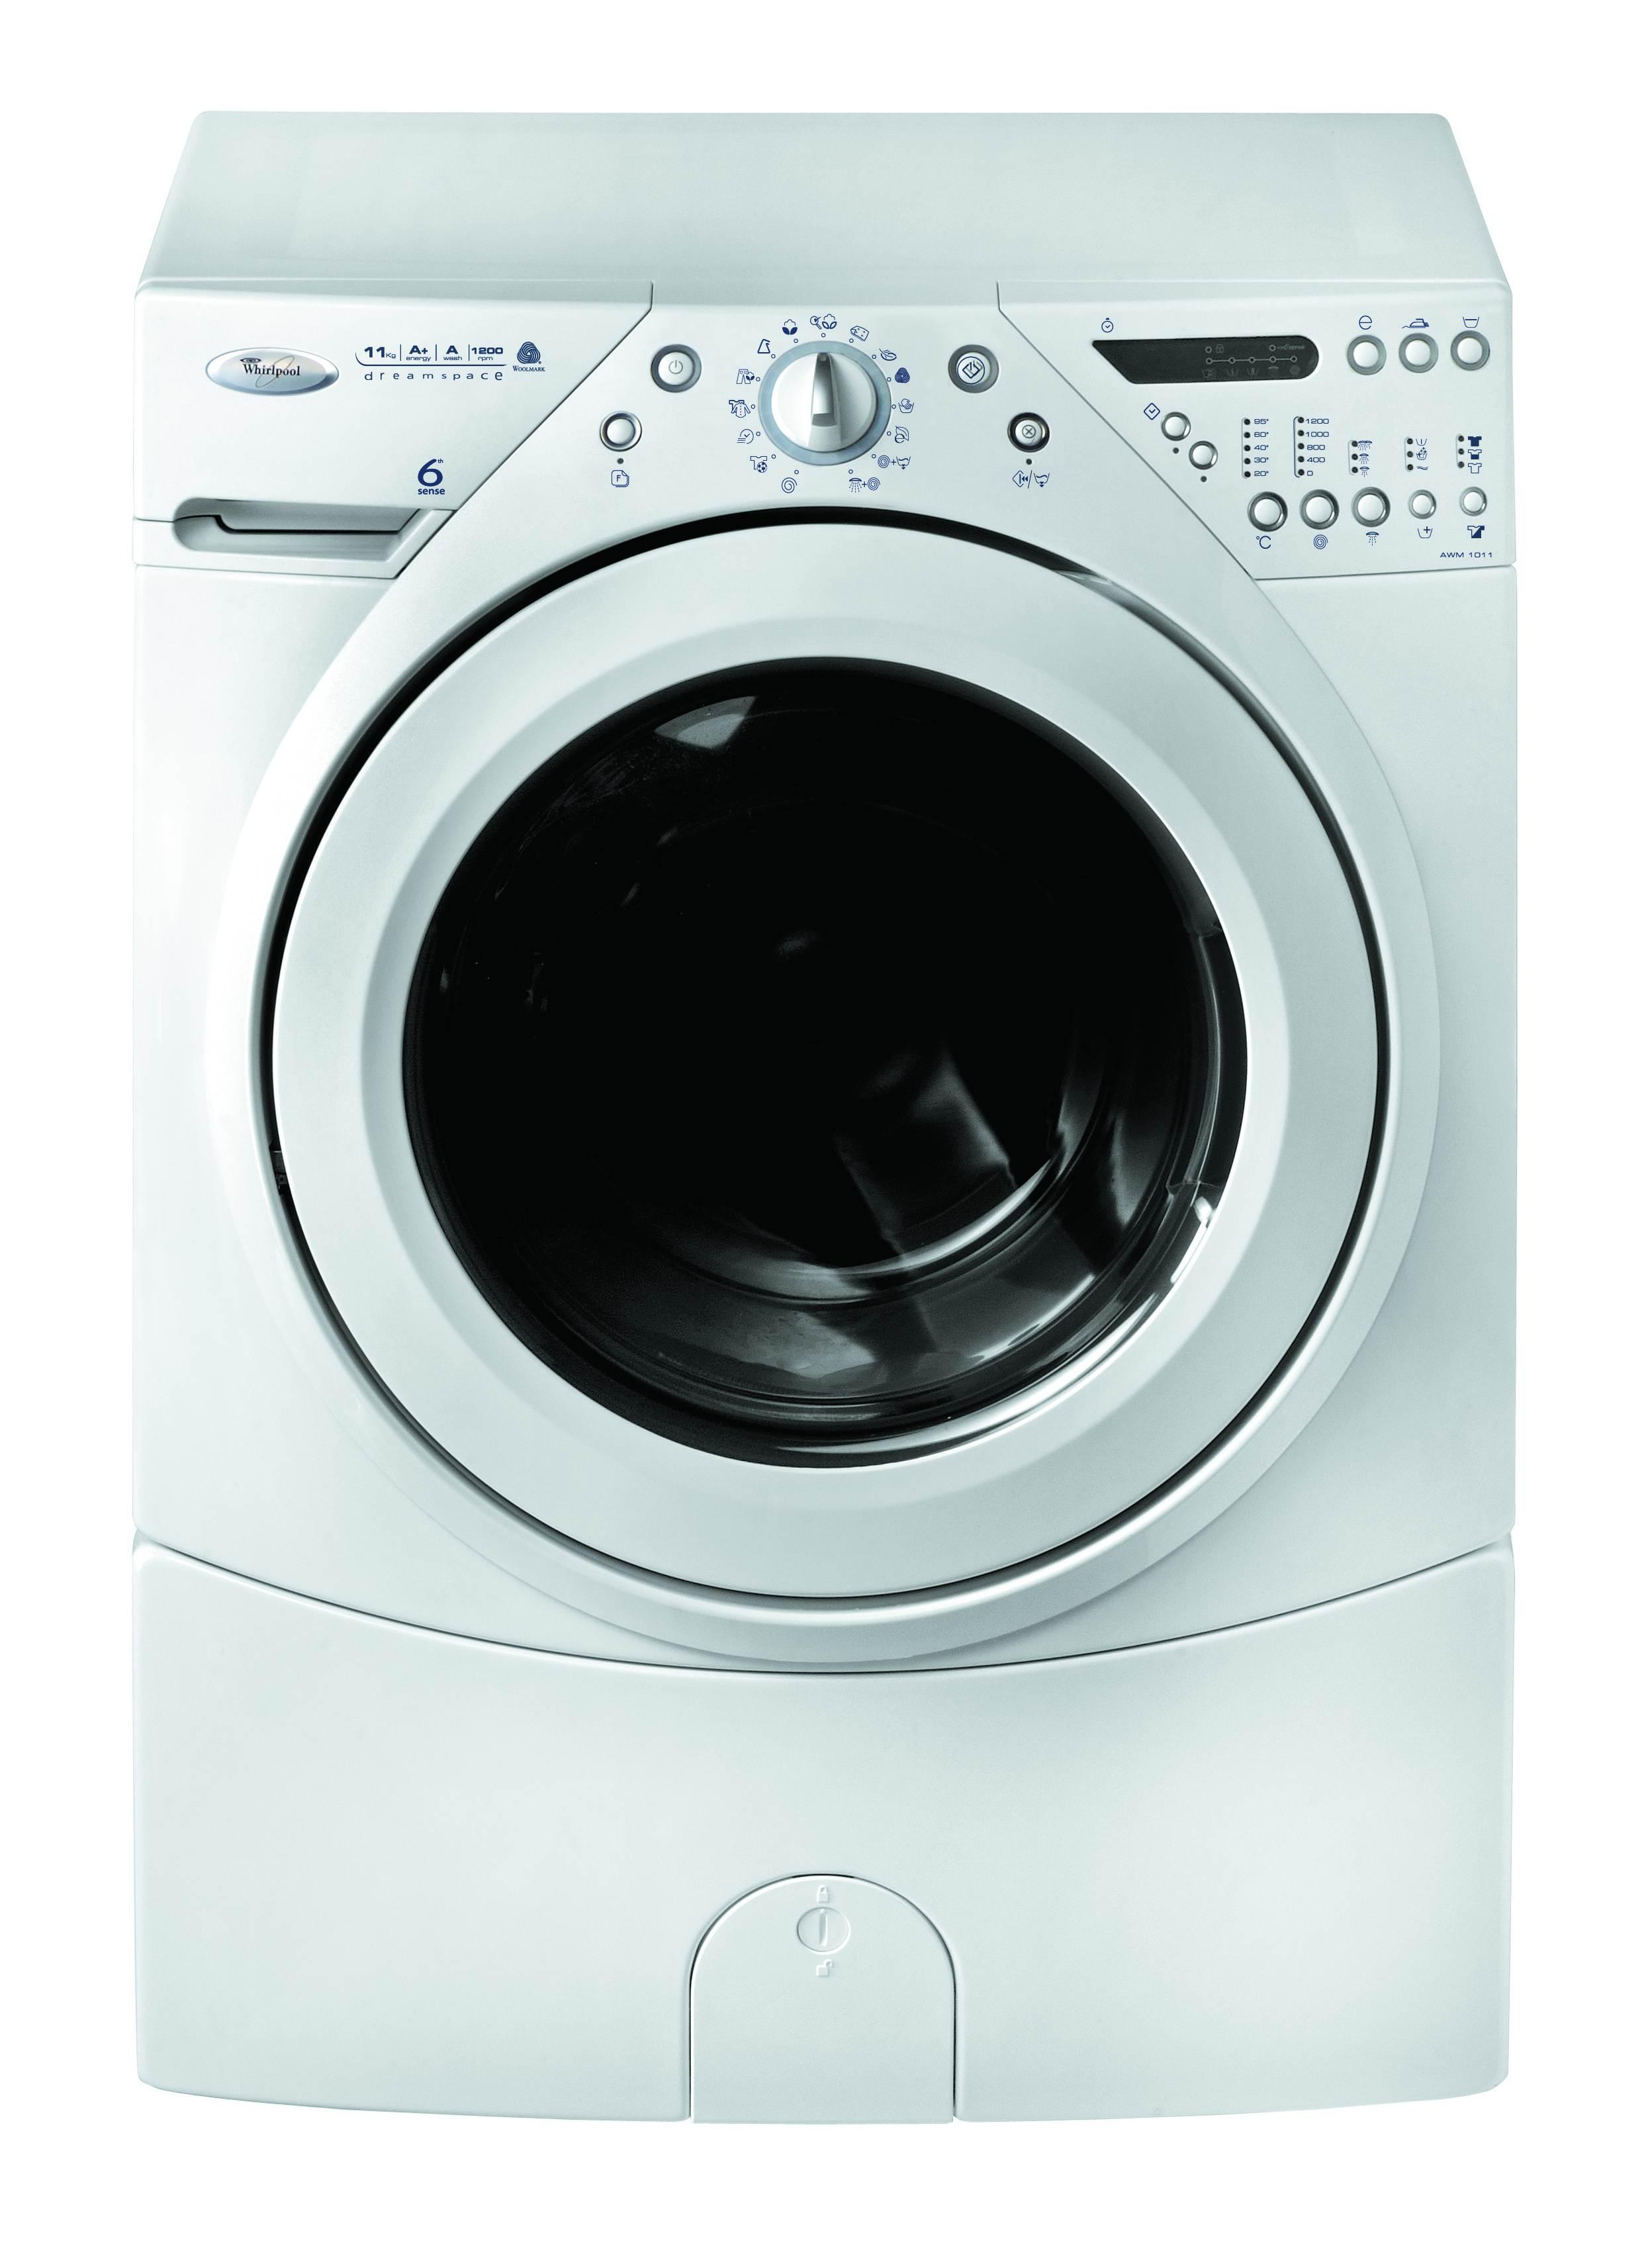 инструкция по эксплуатации к стиральной машине вирпул awt 2295